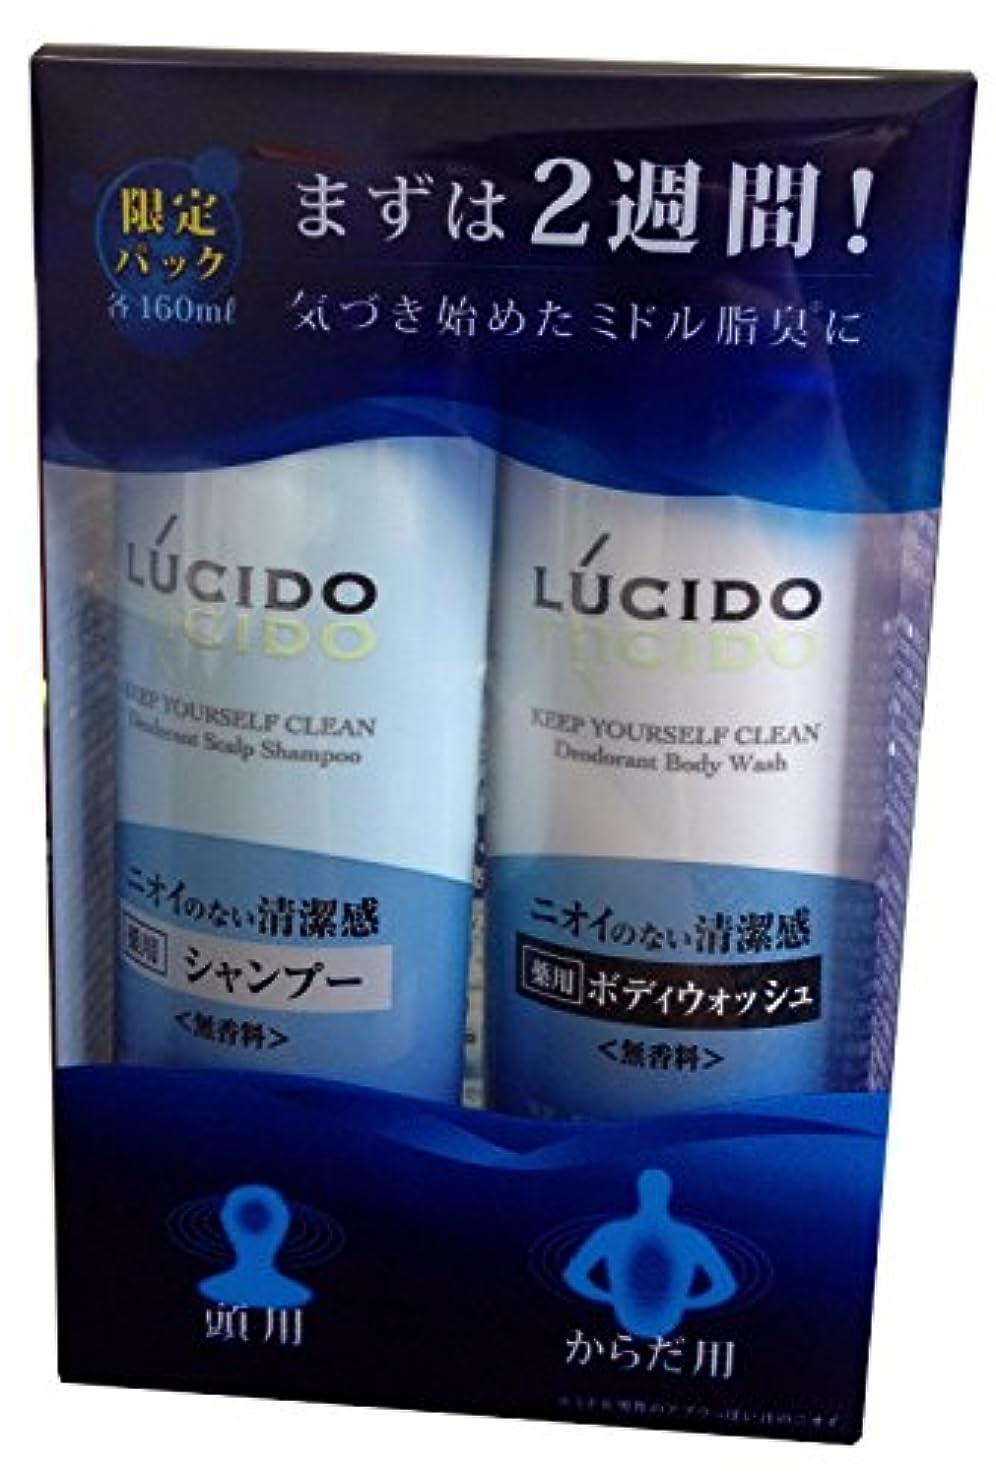 路地ビリー商品LUCIDO ルシード 薬用スカルプデオシャンプー160ml+薬用デオドラントボディウォッシュ160ml 限定パック